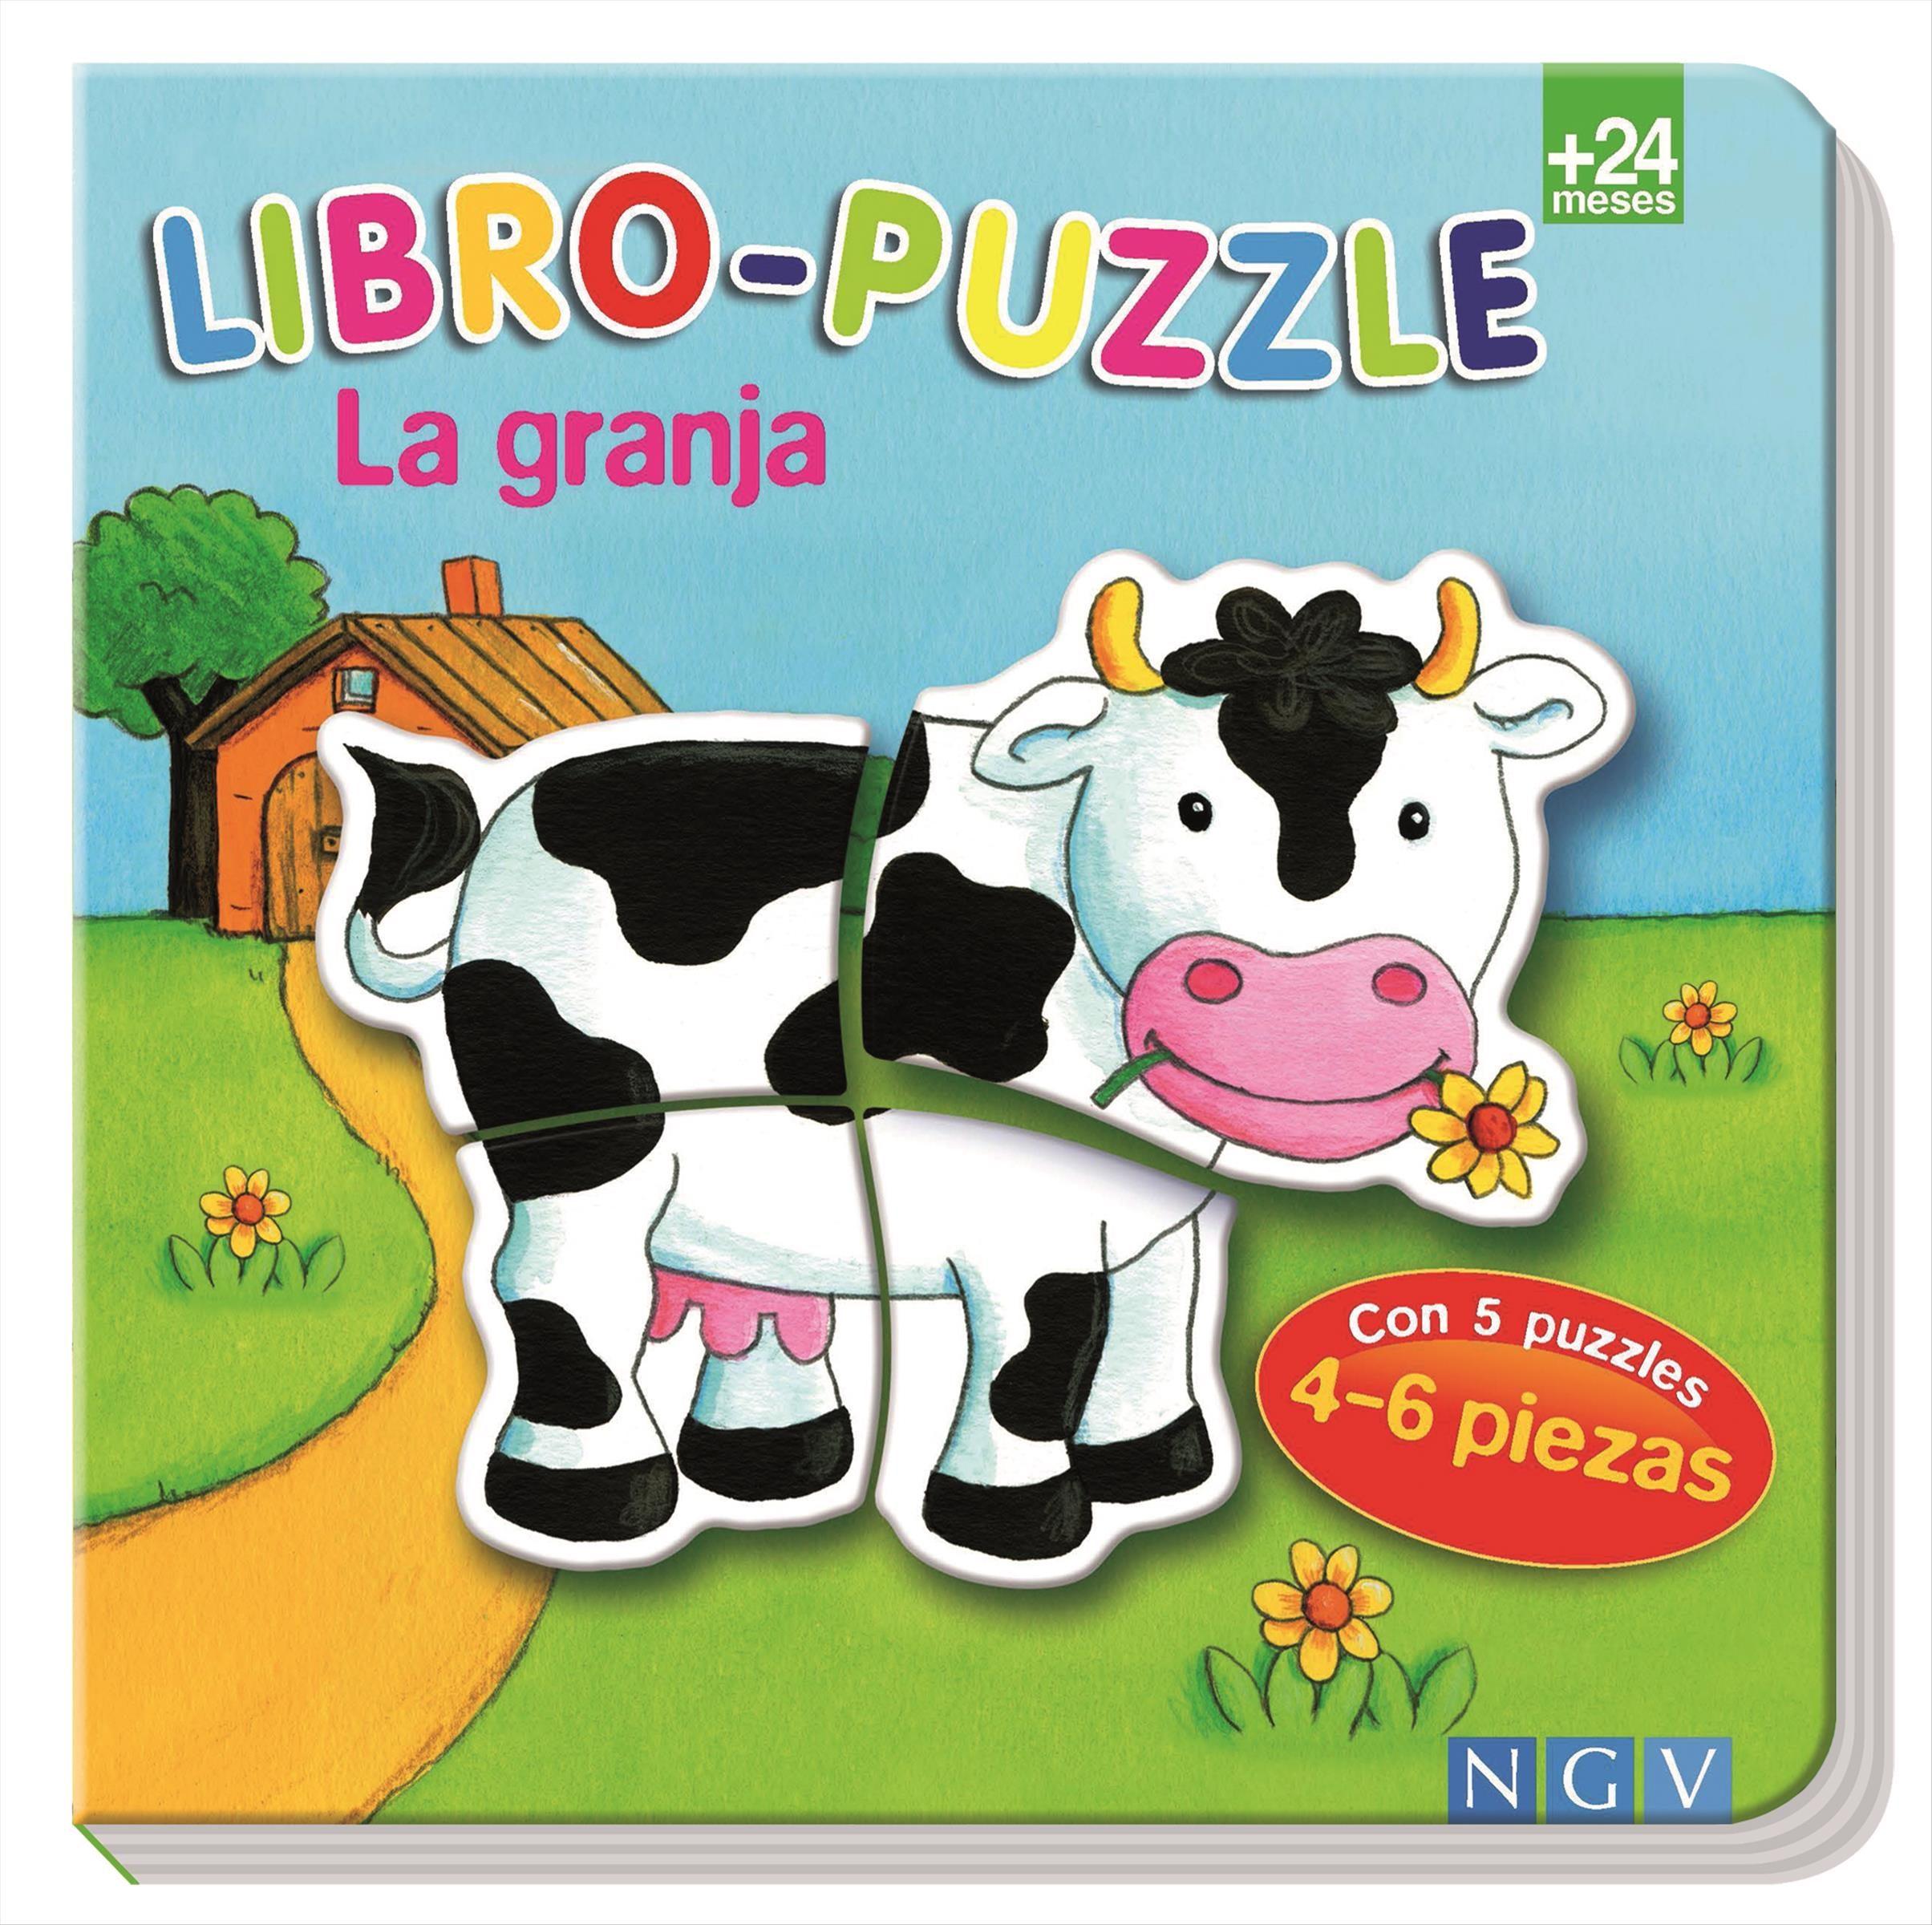 LA GRANJA (LIBRO-PUZZLE) | VV.AA. | Comprar libro 9783849906108